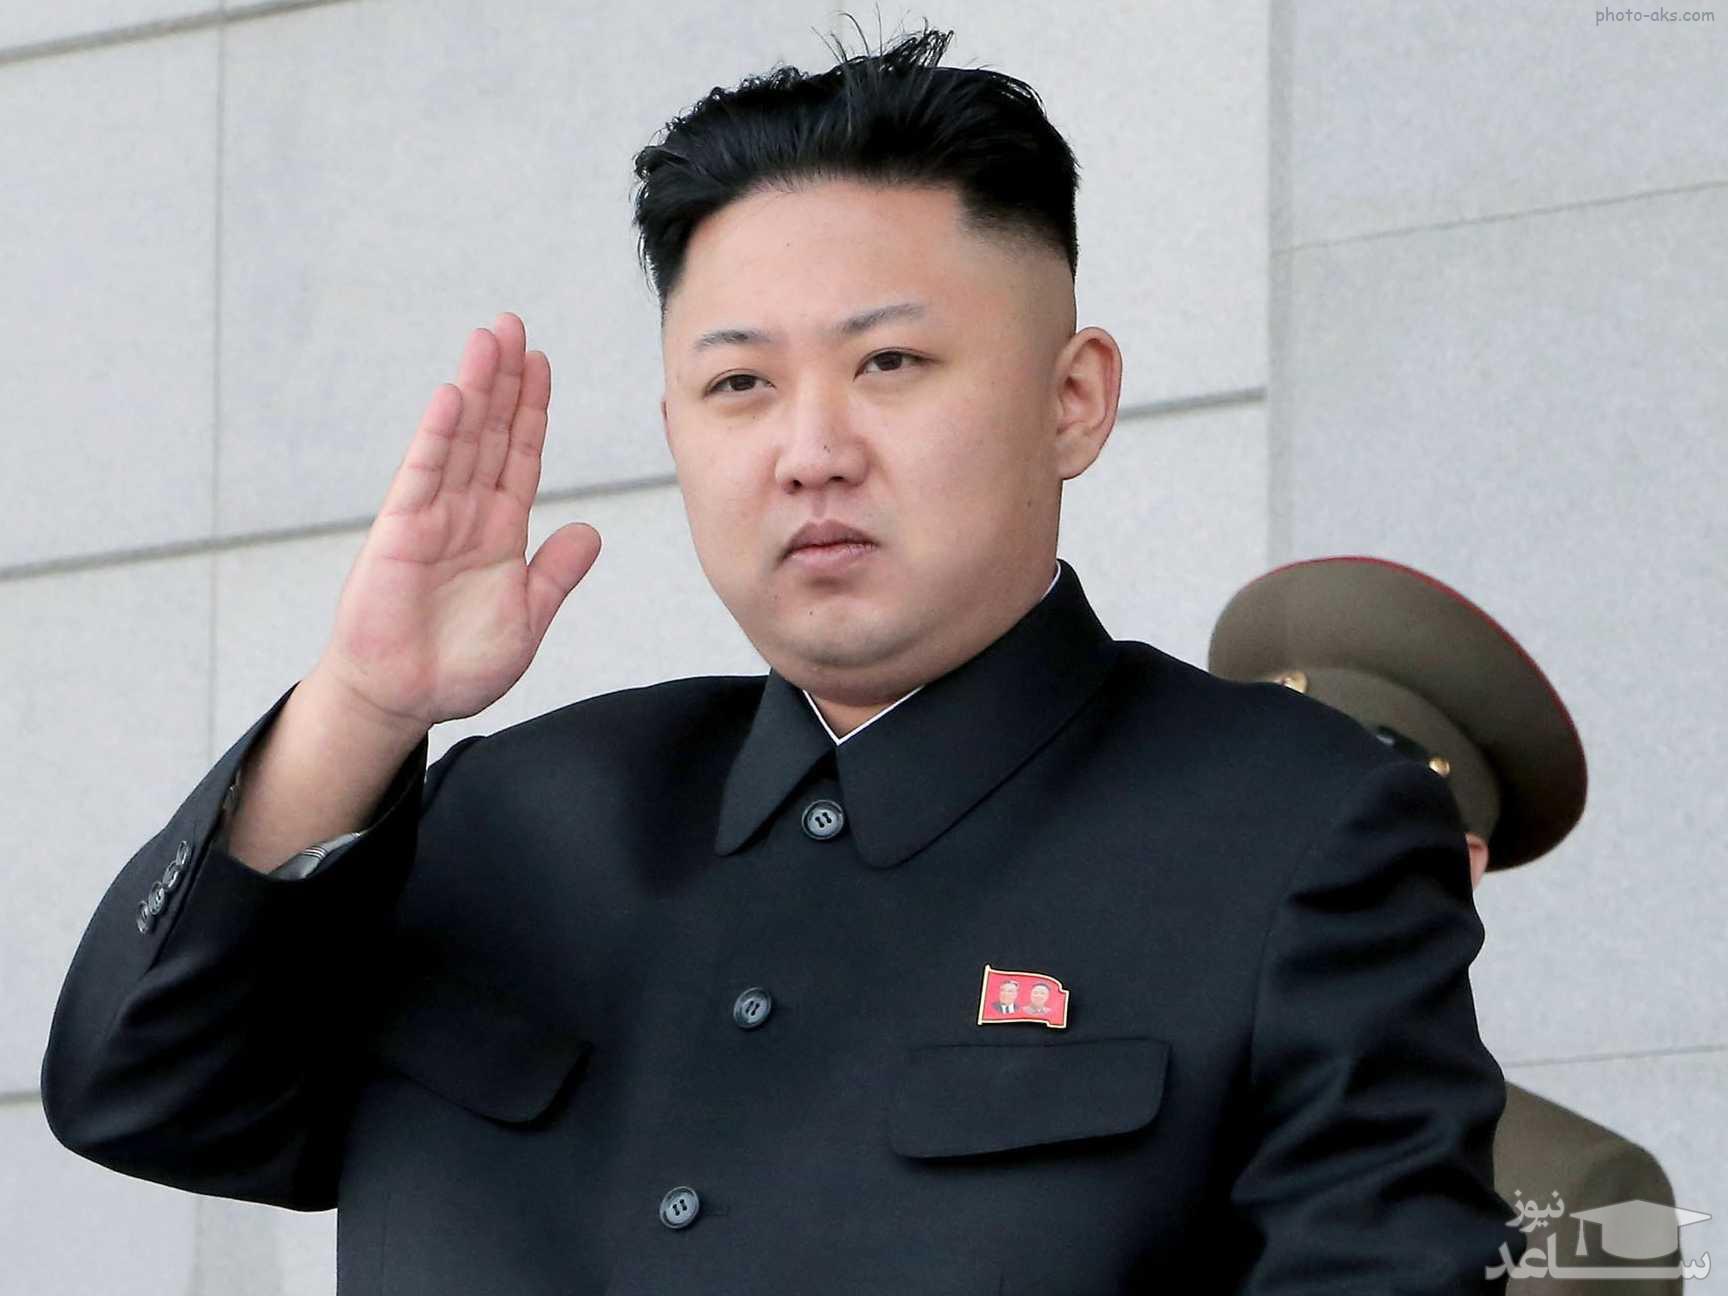 عکس کمتر دیده شده از خانواده رهبر کره شمالی